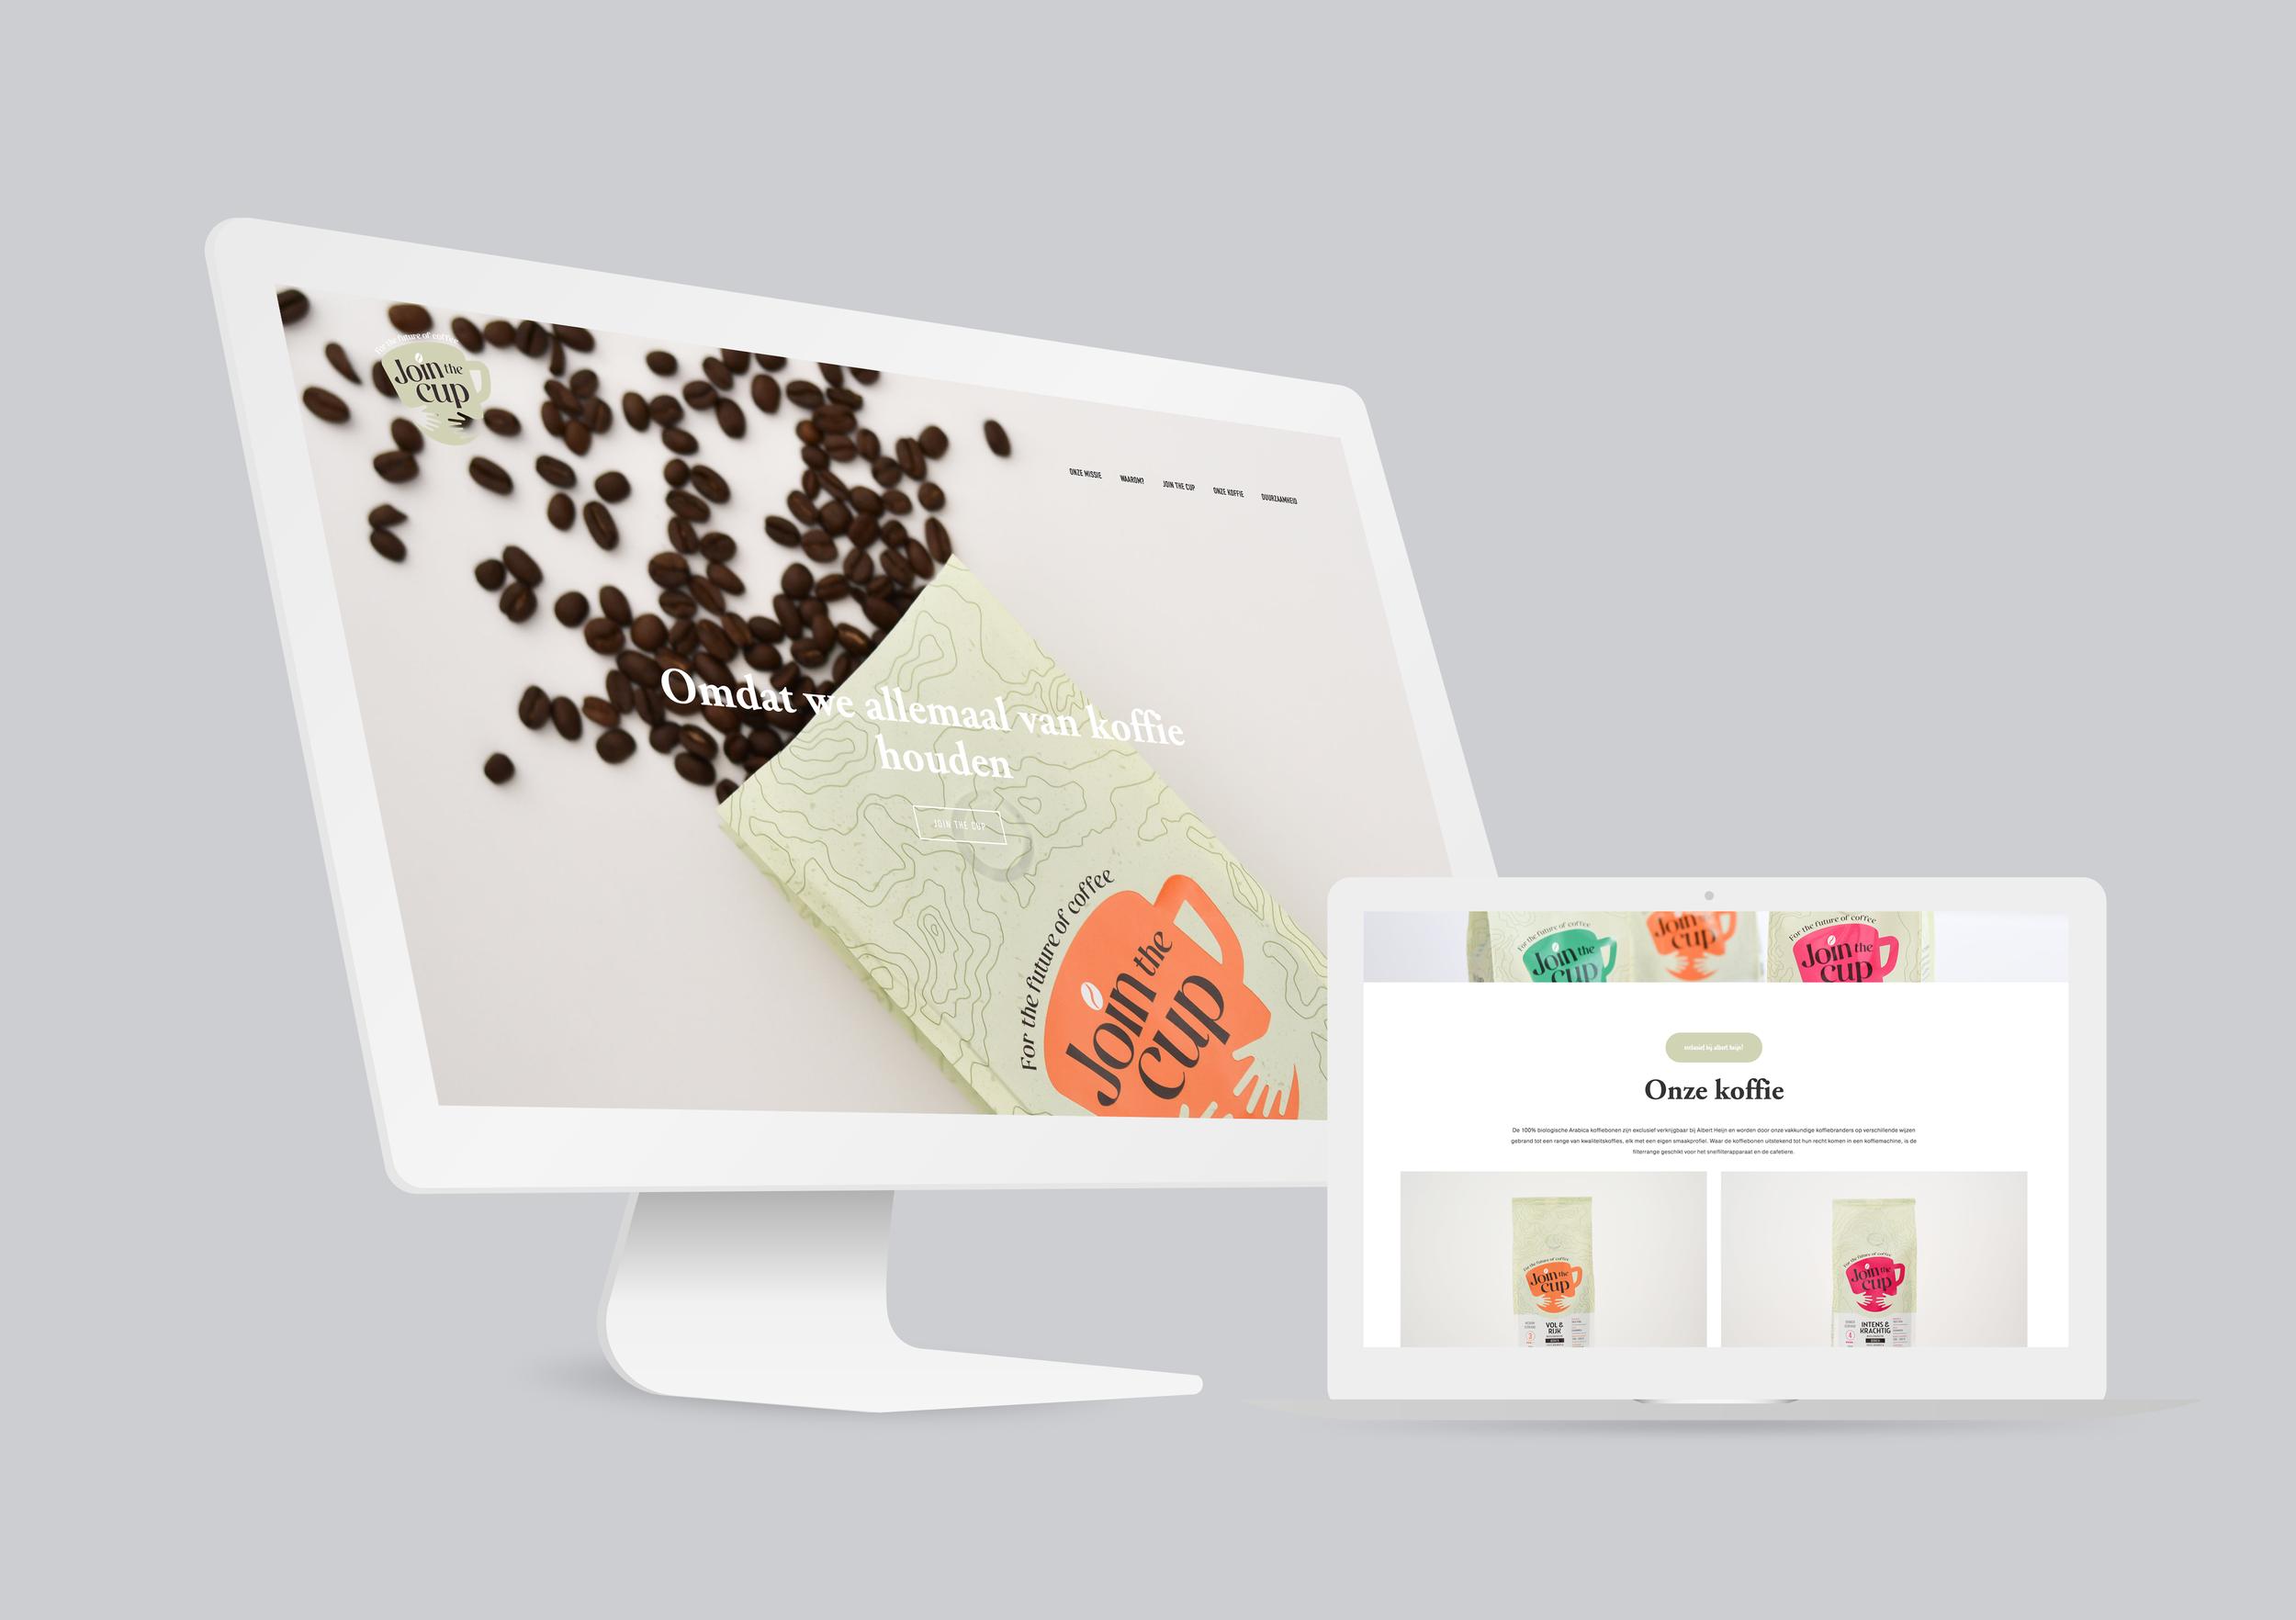 Join the Cup van Albert Heijn    Van Albert Heijn kreeg ik de opdracht om hun gerestylede organic koffielabel Join the Cup ook online in een nieuw jasje te steken. Naast het webdesign was ik ook verantwoordelijk voor de webteksten, de sfeer- en productfotografie en het opzetten van de bijhorende social media. Een toffe uitdaging!